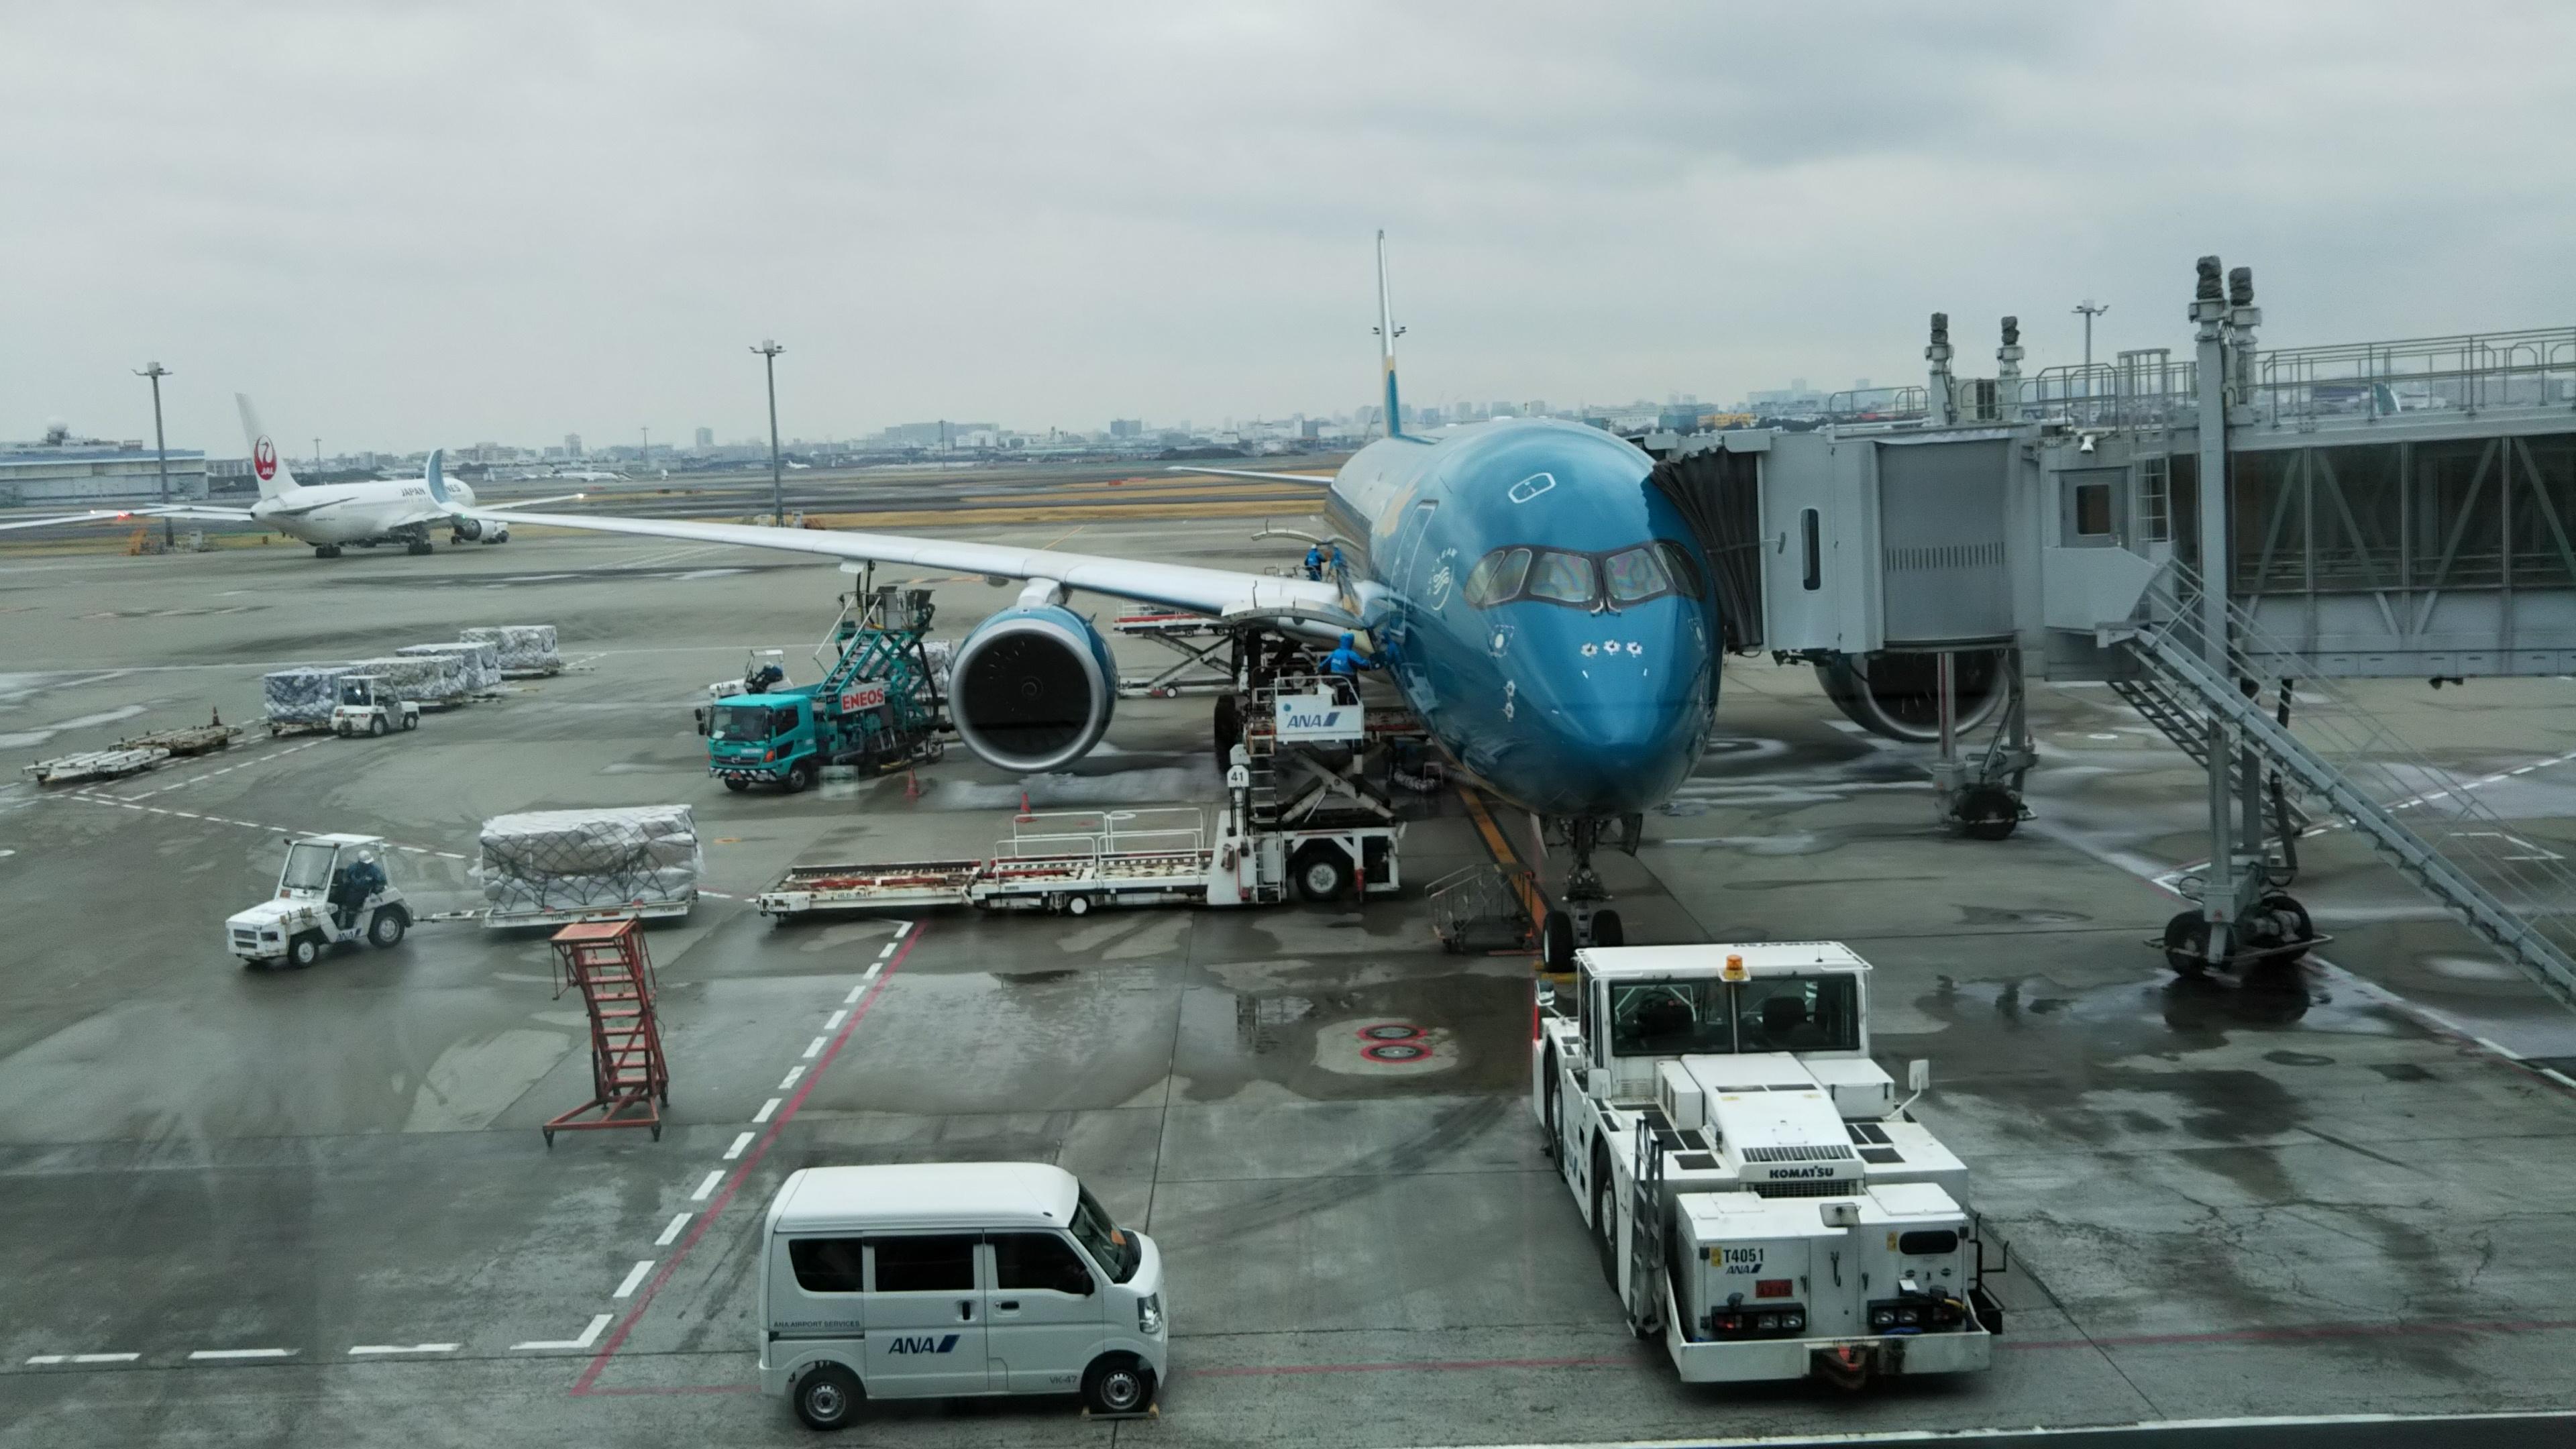 ベトナム航空を利用して羽田国際空港からハノイへフライト